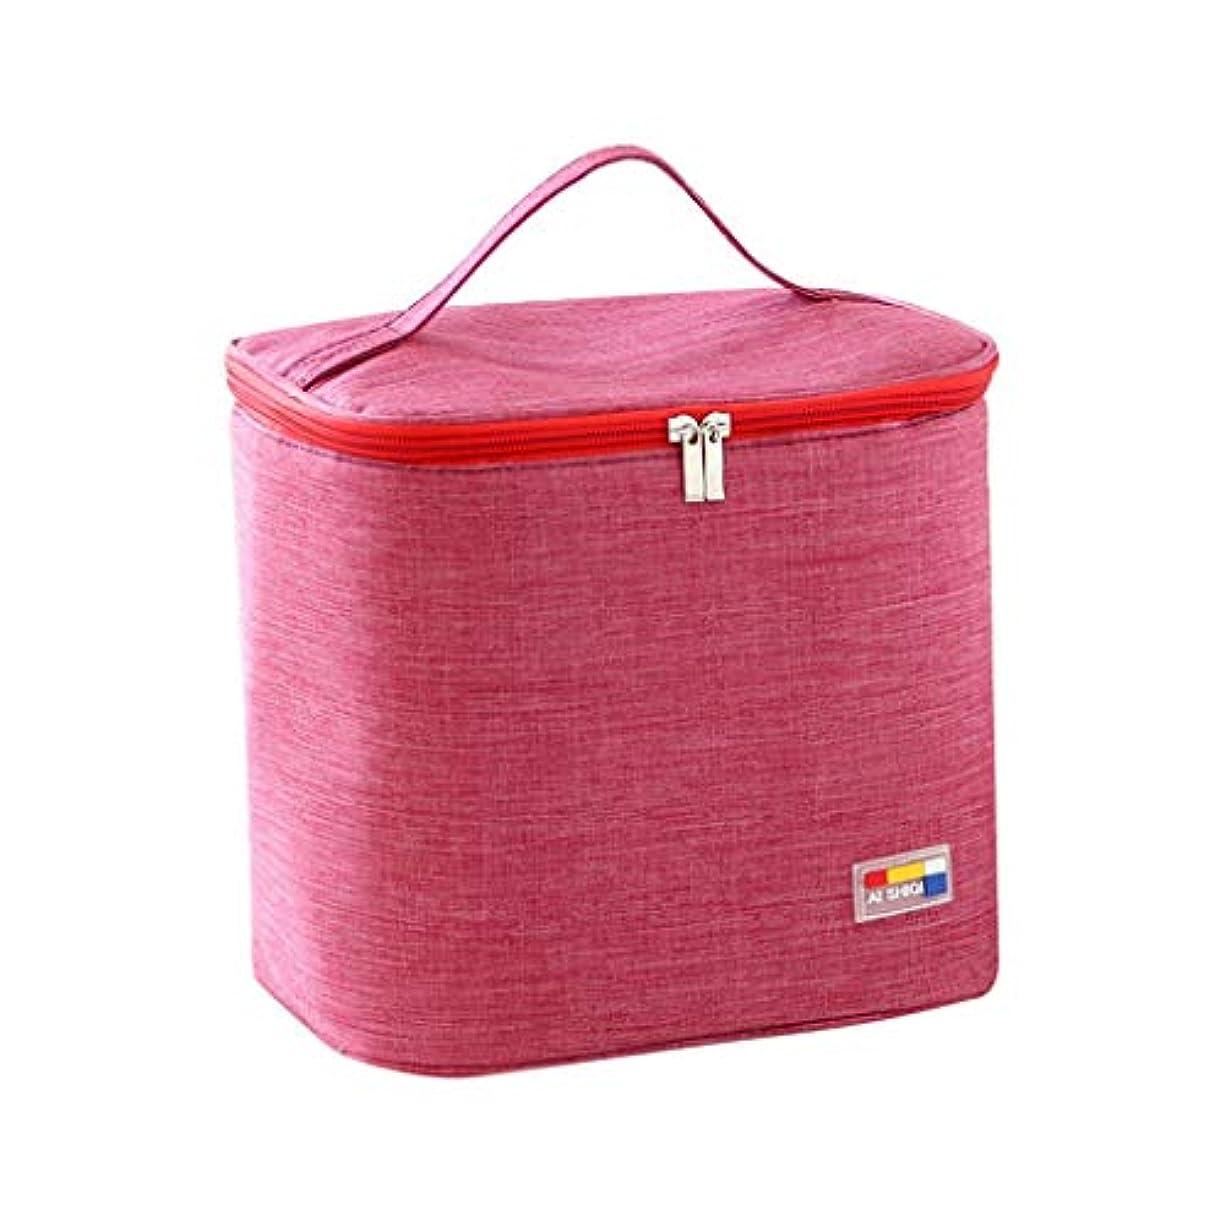 隣接アリどんよりした専用ランチバッグトートバッグ断熱性を向上キャンプに適していますシンプルなバッグイージーファッション絶縁バッグ冷蔵バッグポケットを描く冷却ハンドバッグ防水ハンドバッグ (A)